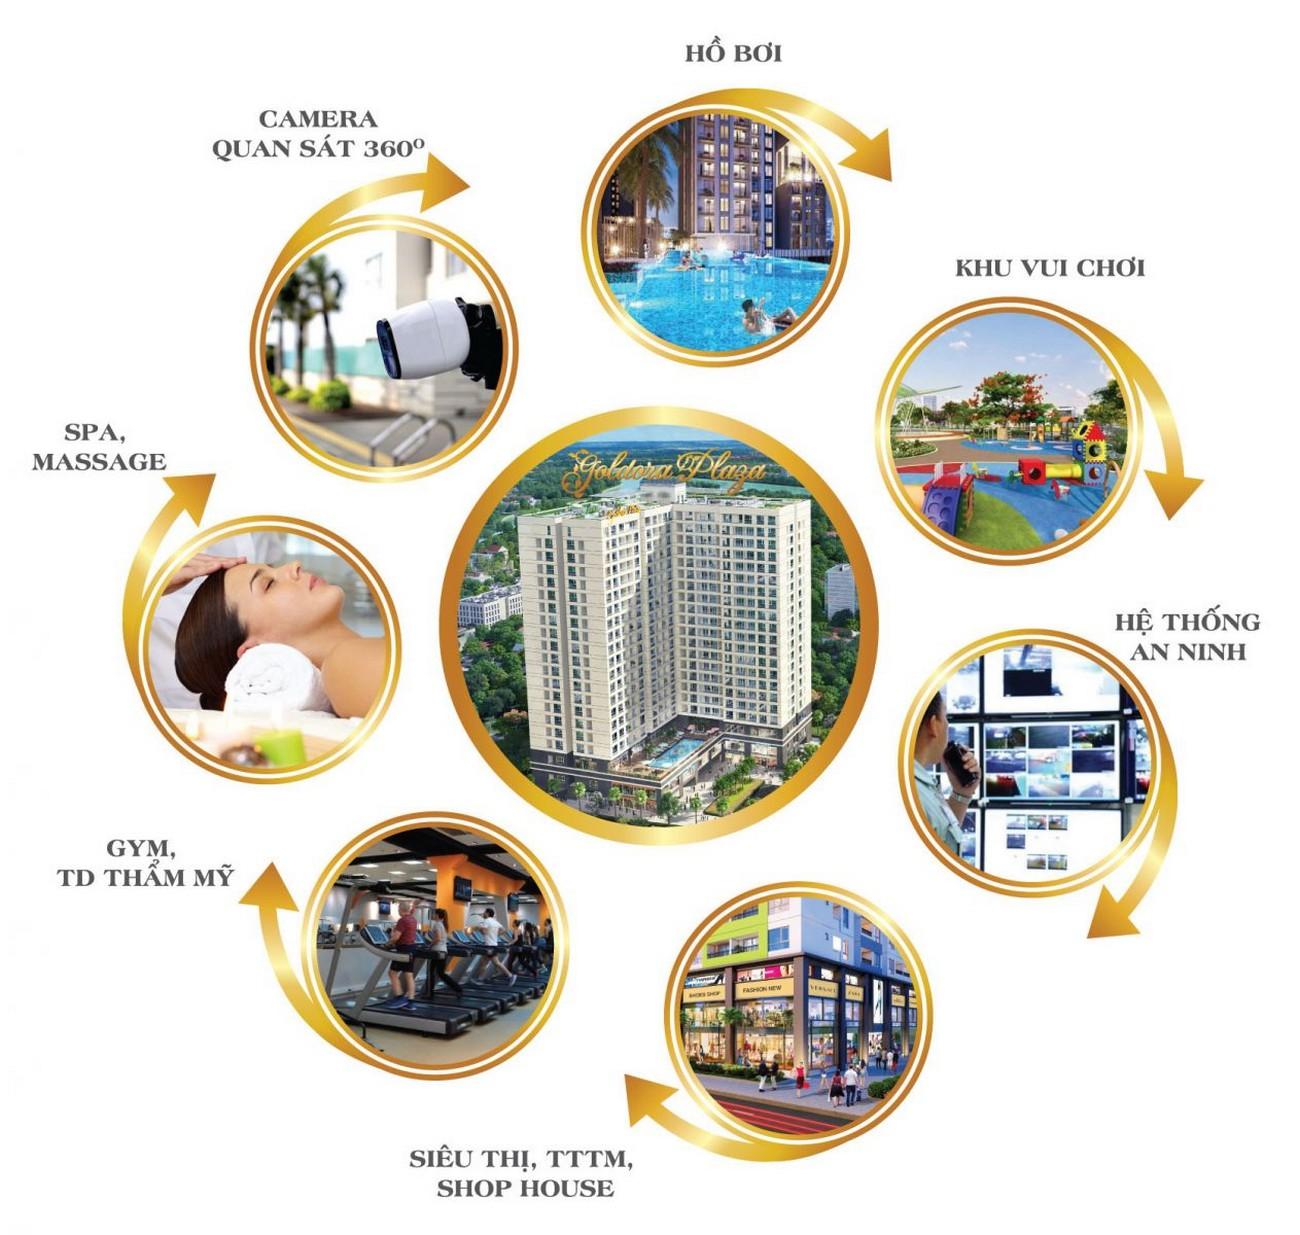 Tiện ích dự án căn hộ chung cư Goldora Plaza Nhà Bè Đường Lê Văn Lương chủ đầu tư Tematco